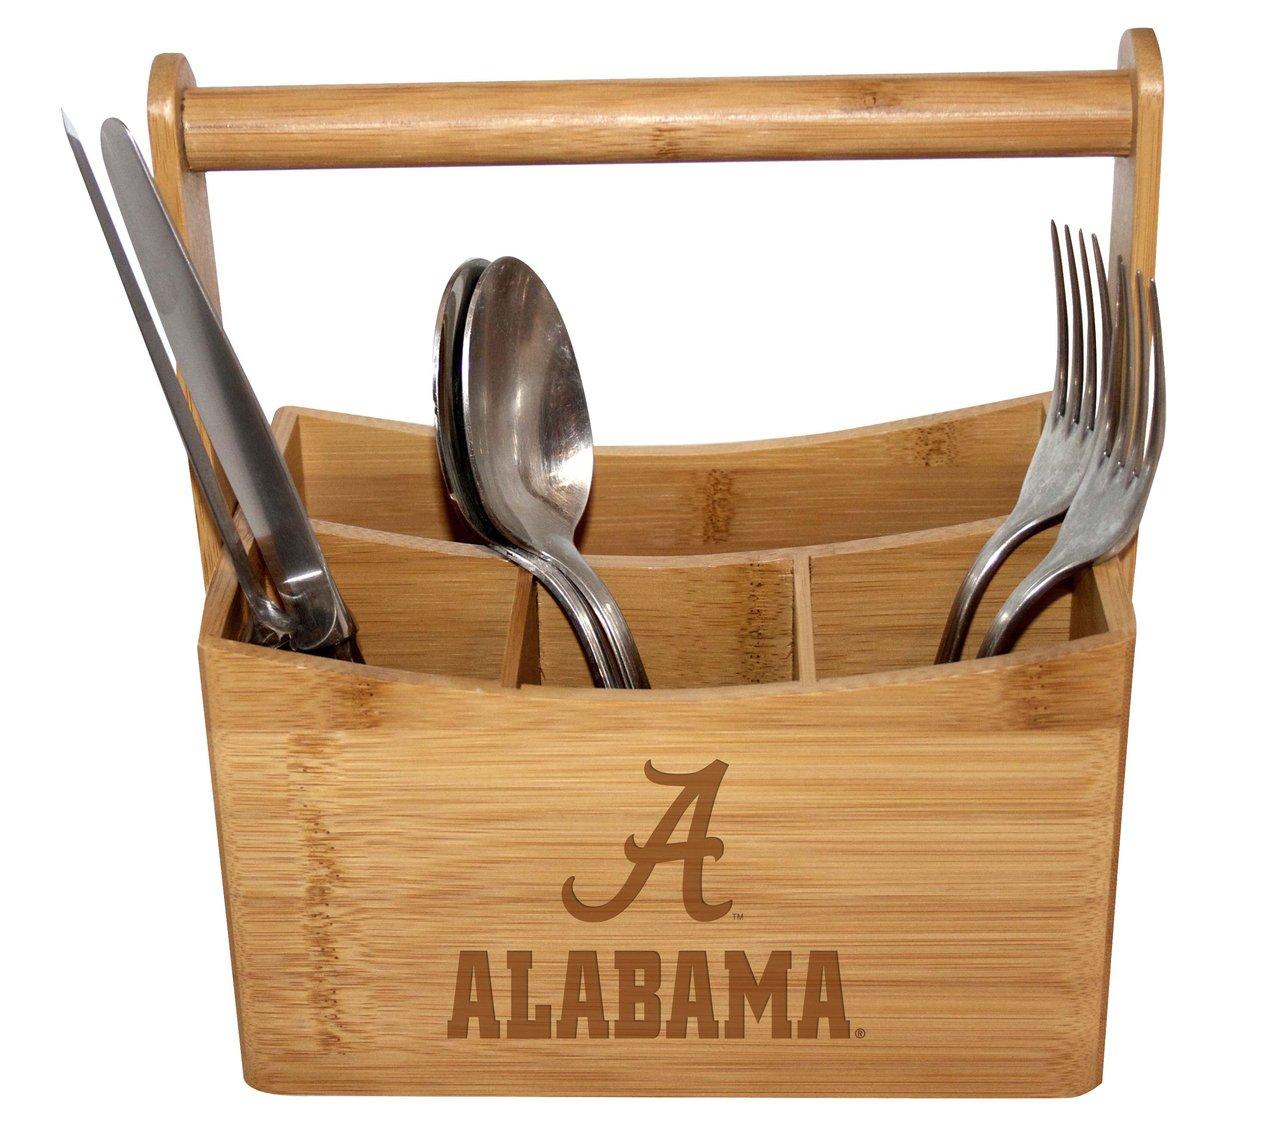 Alabama Bamboo Caddy